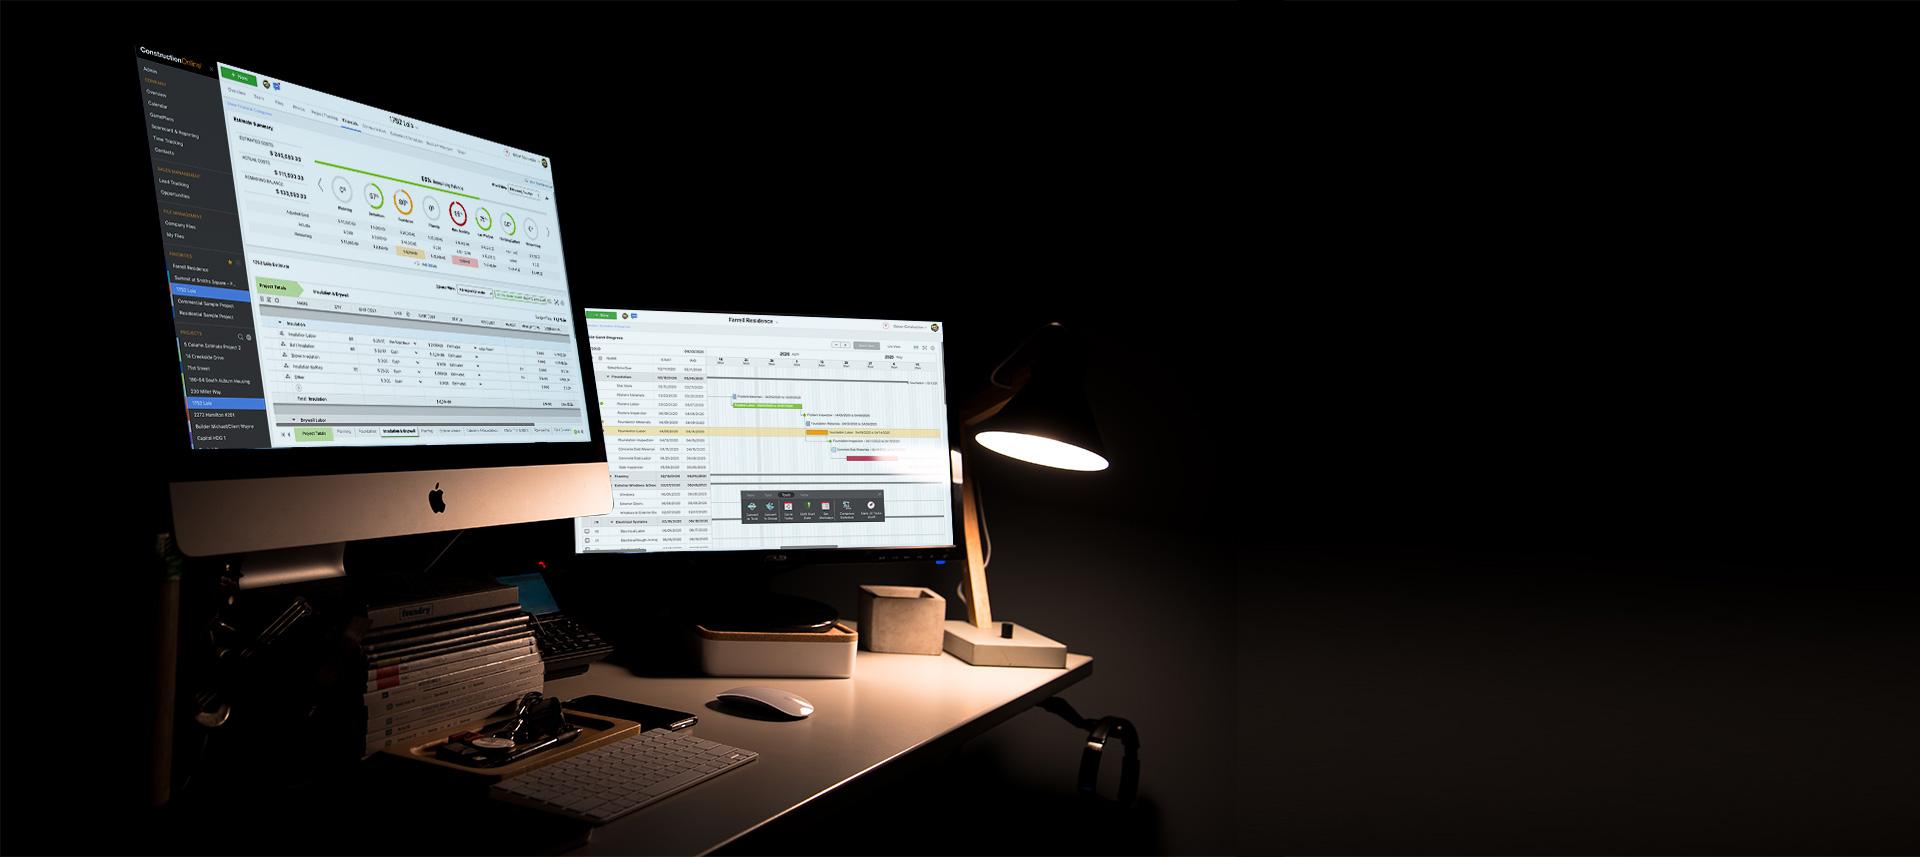 dual_monitors_in_dark_1920_1